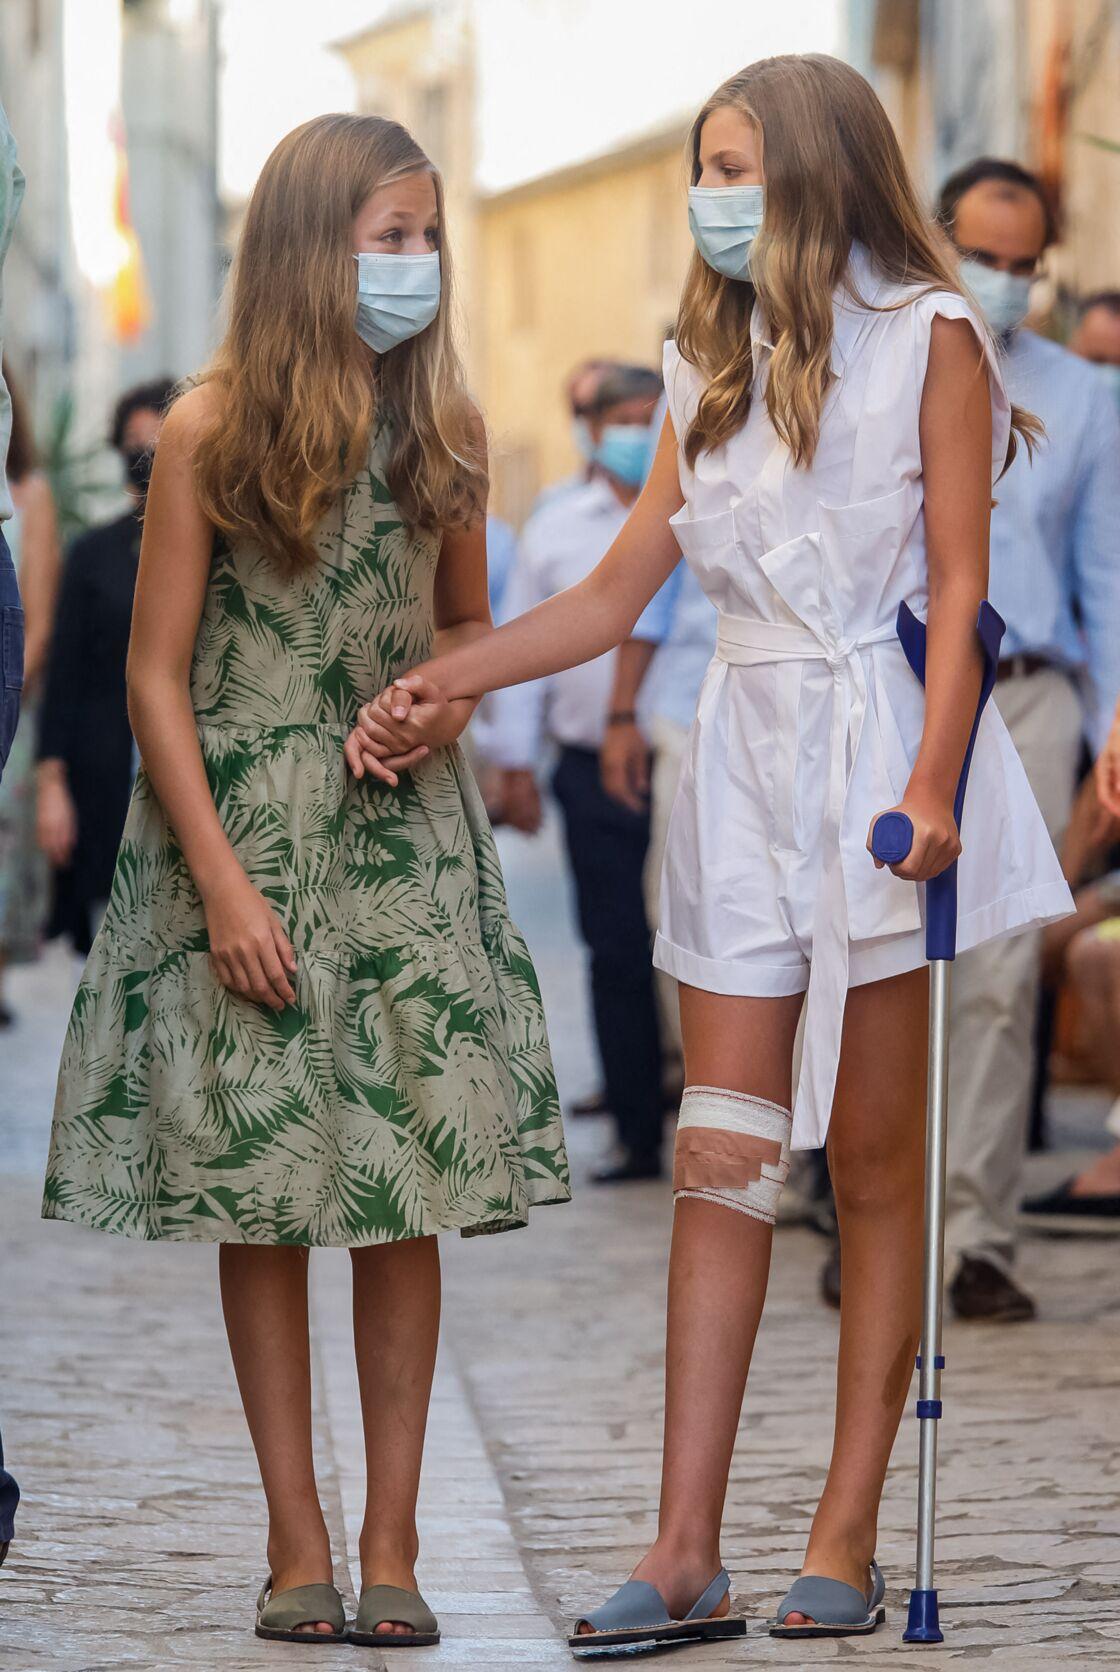 Très proche de sa soeur, Leonor d'Espagne a été d'un grand soutien pour sa soeur Sofia, ce lundi 10 août, lors de leur visite à Petra.